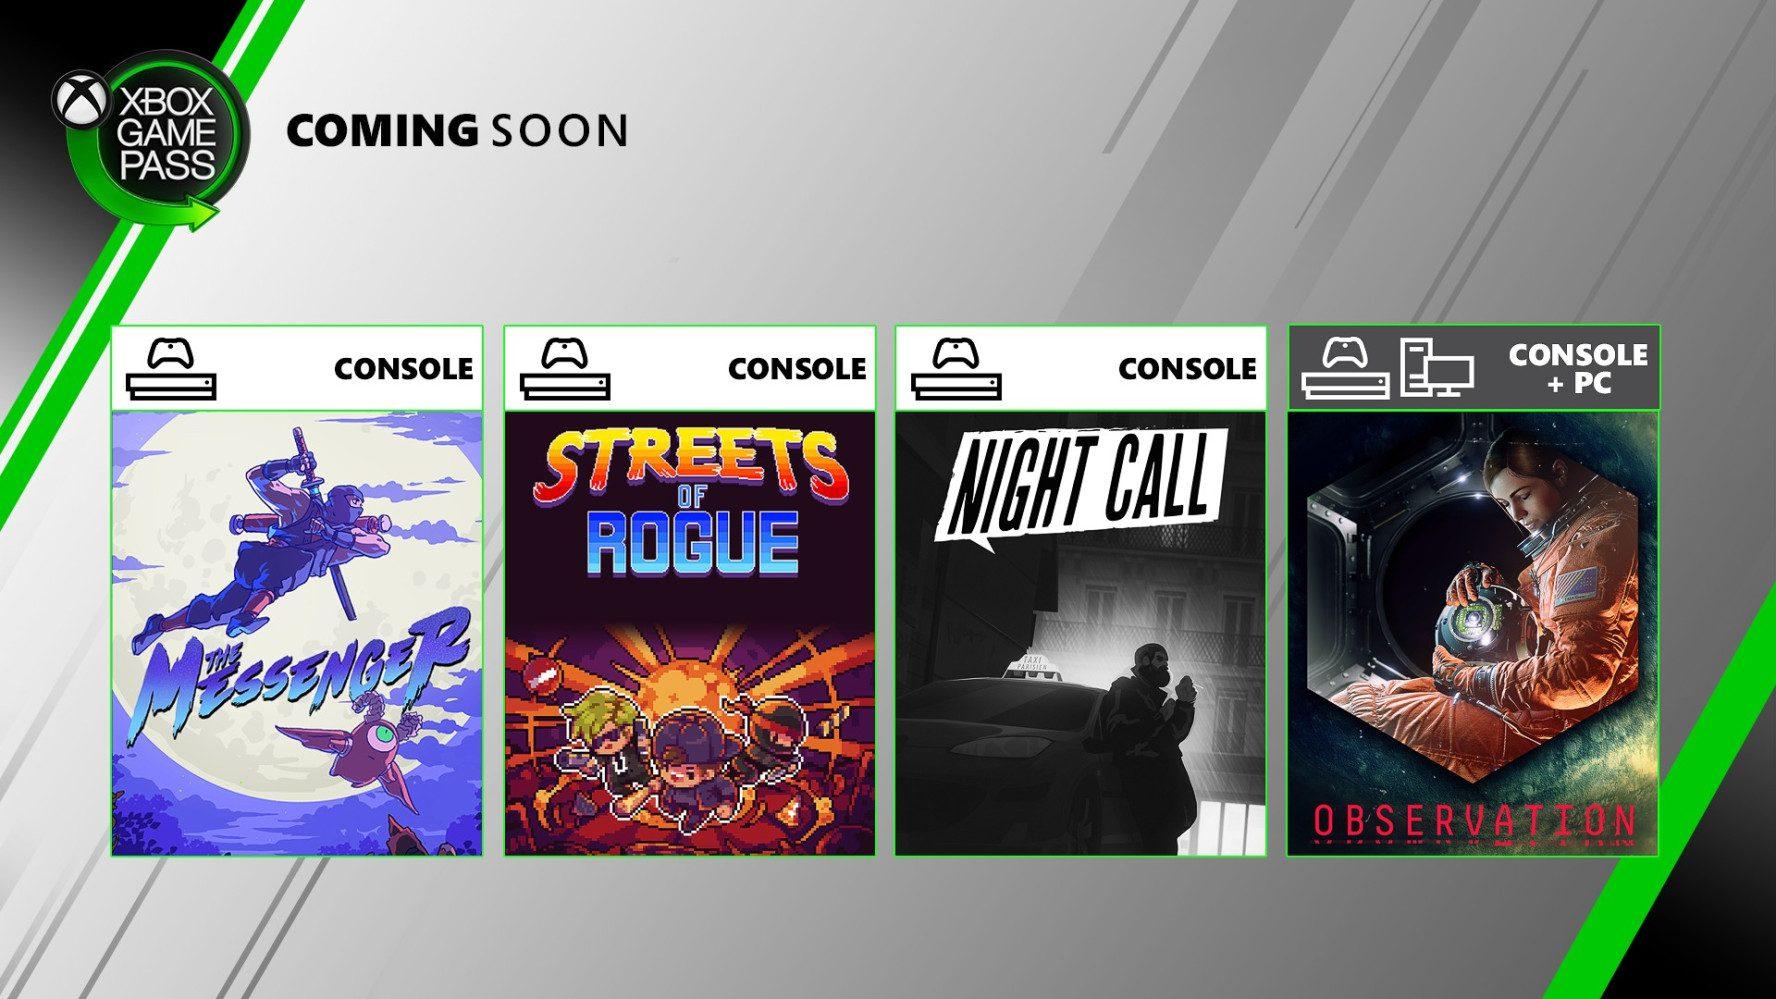 Ya disponibles los nuevos juegos de Xbox Game Pass